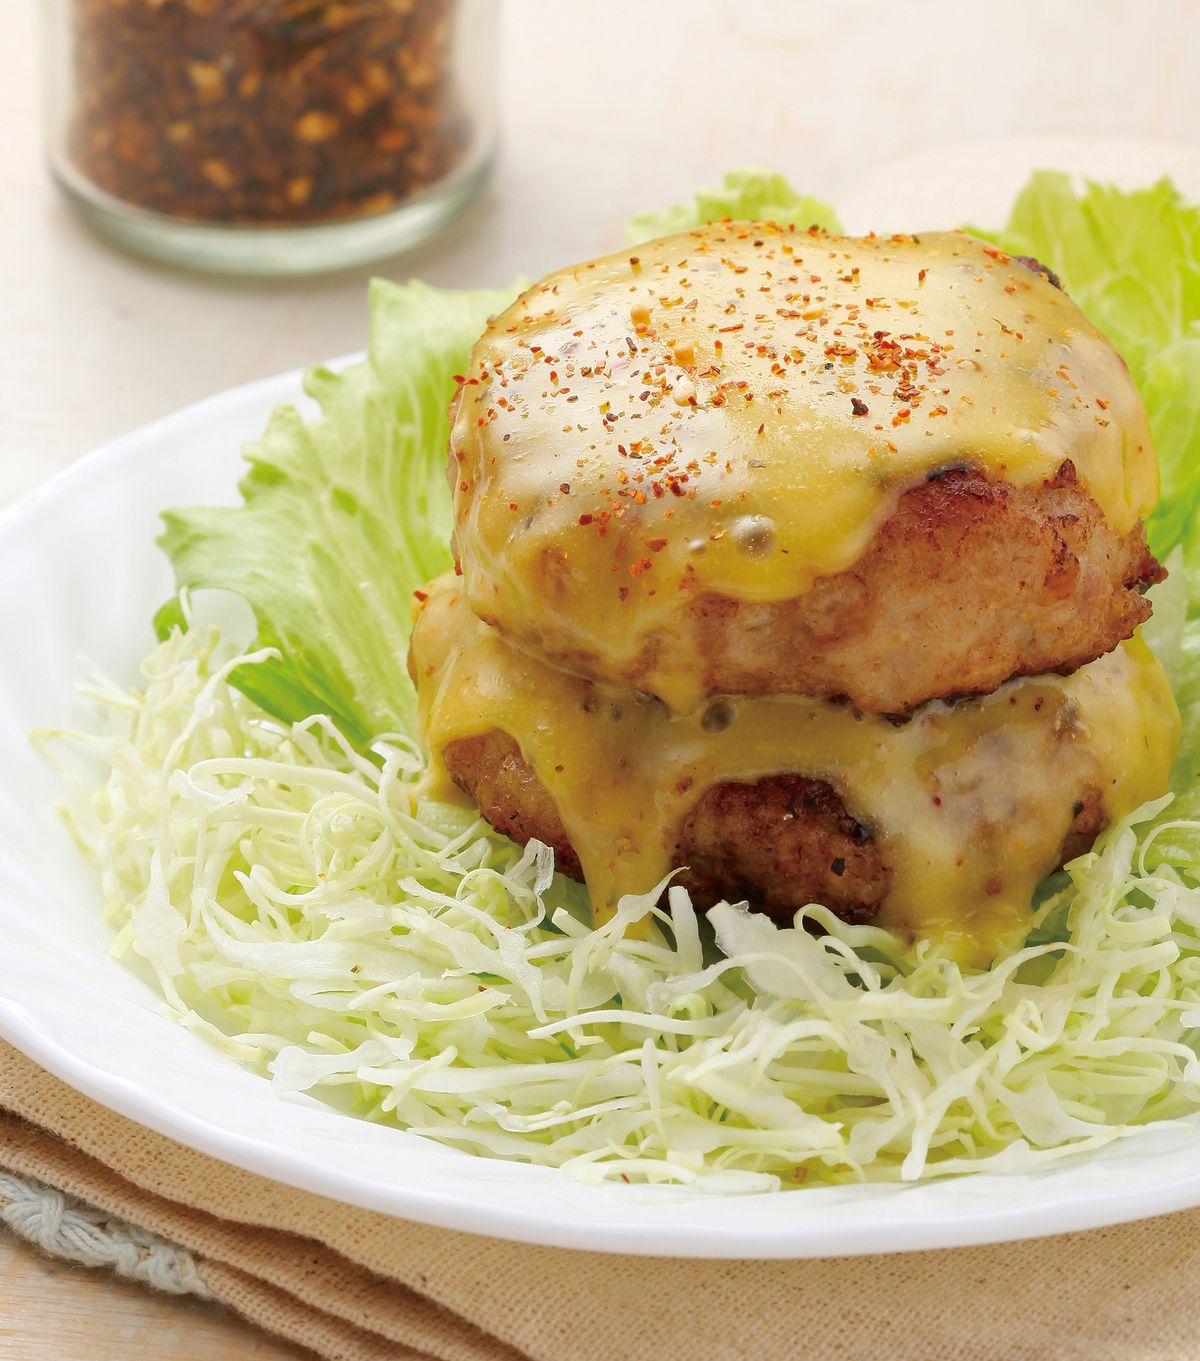 食譜:焗烤漢堡肉